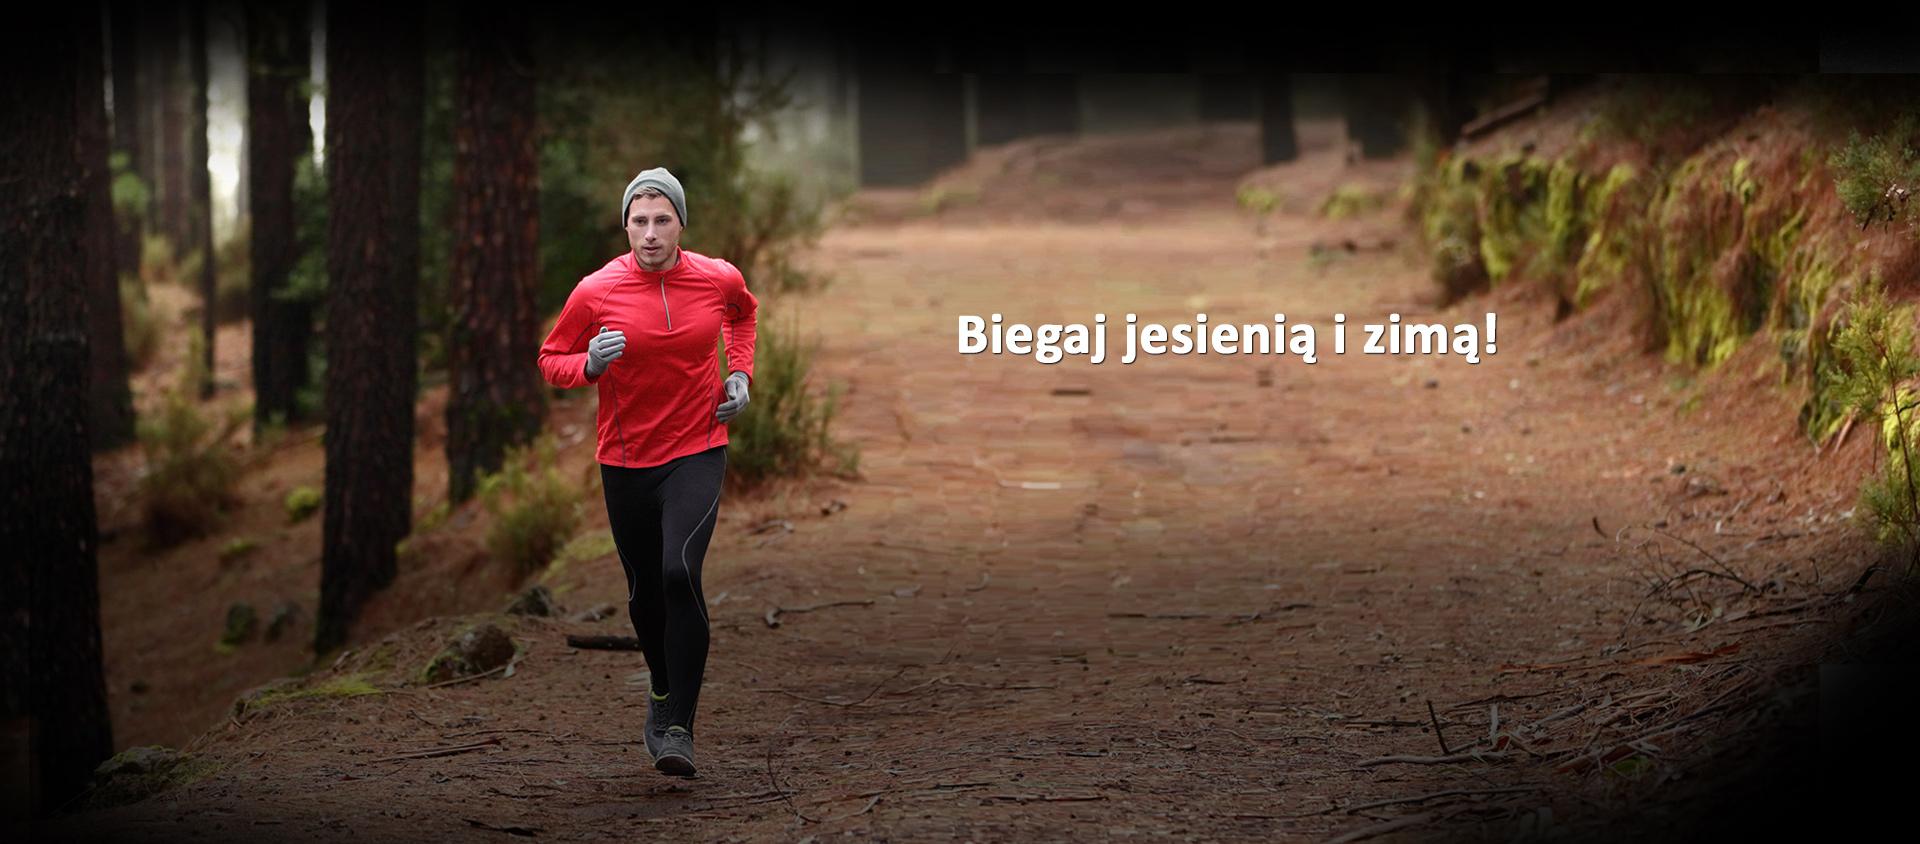 5 sprawdzonych rad, jak przygotować się do biegania jesienią!